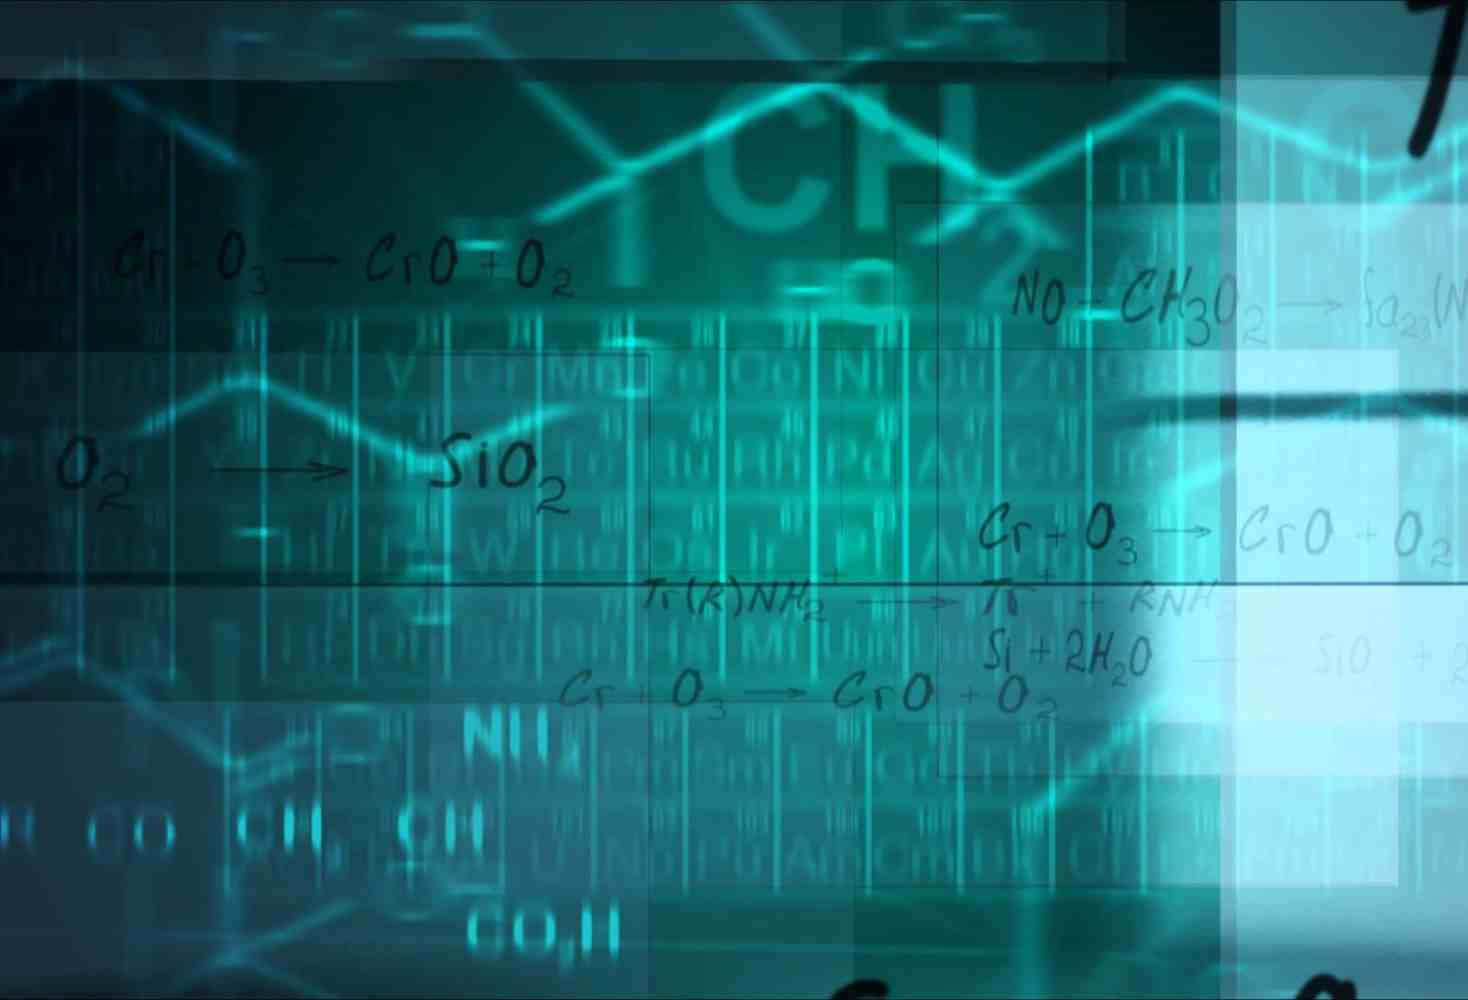 v-rossii-projdet-otkrytyj-urok-mendeleev-elementarno-v-chest-goda-periodicheskoj-tablitsy-himicheskih-elementov